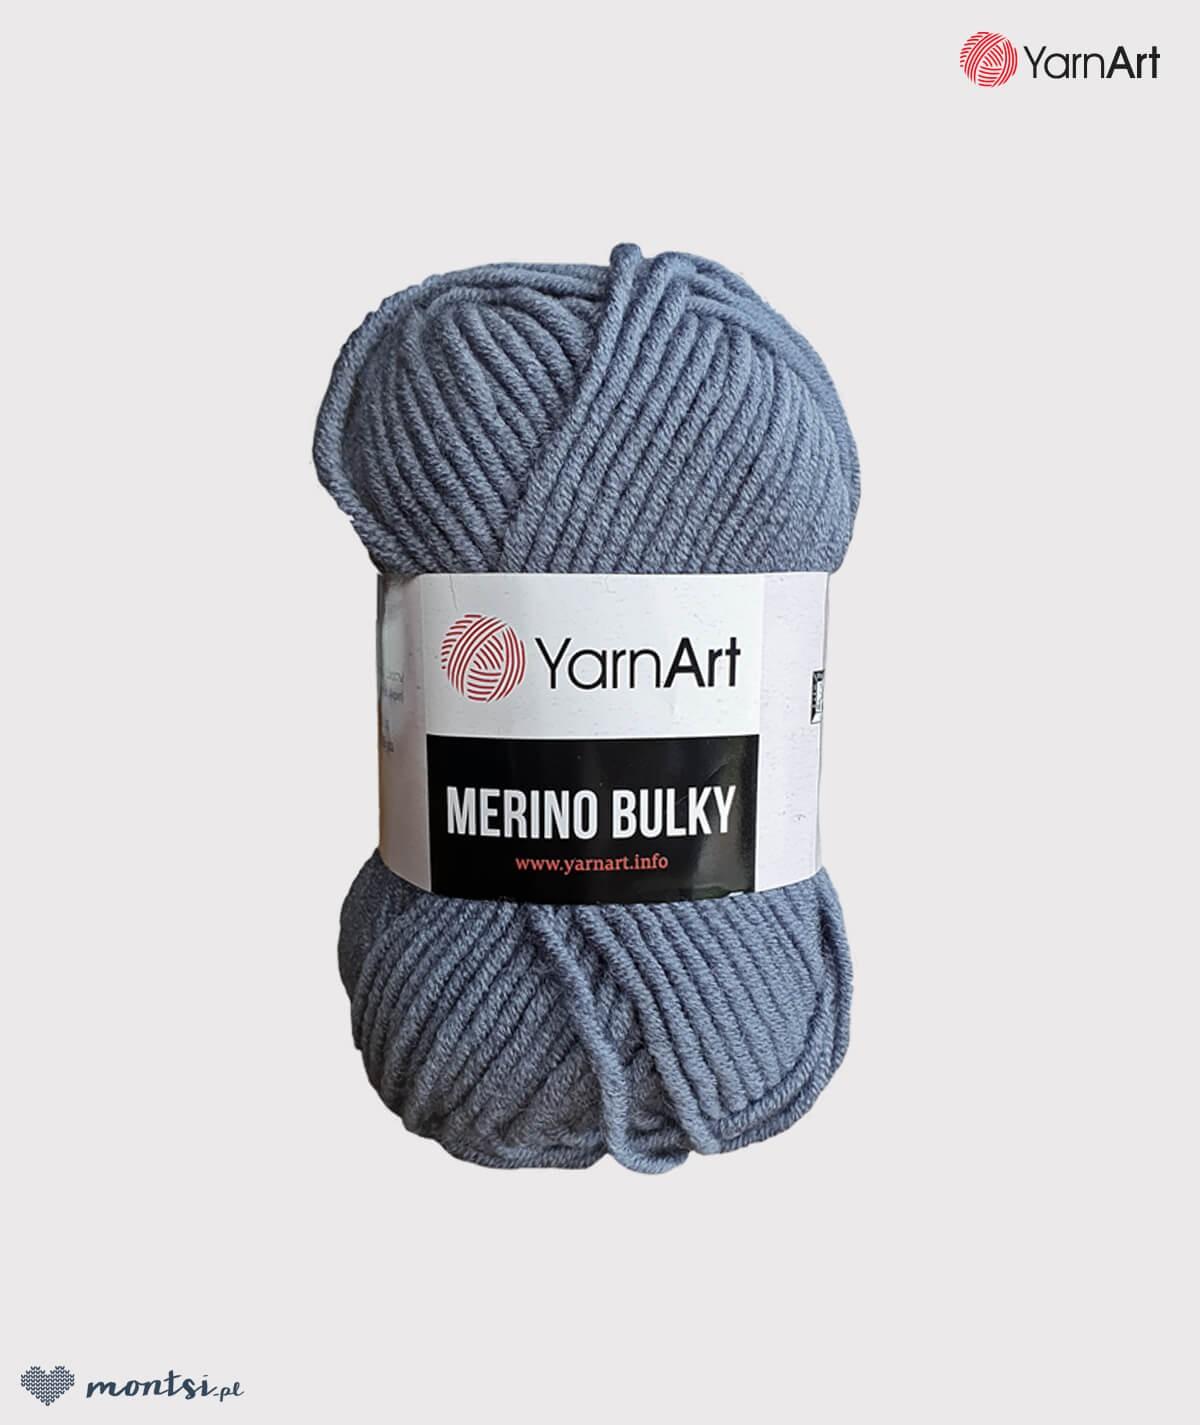 Włóczka Merino Bulky YarnArt 3088 szary stalowy